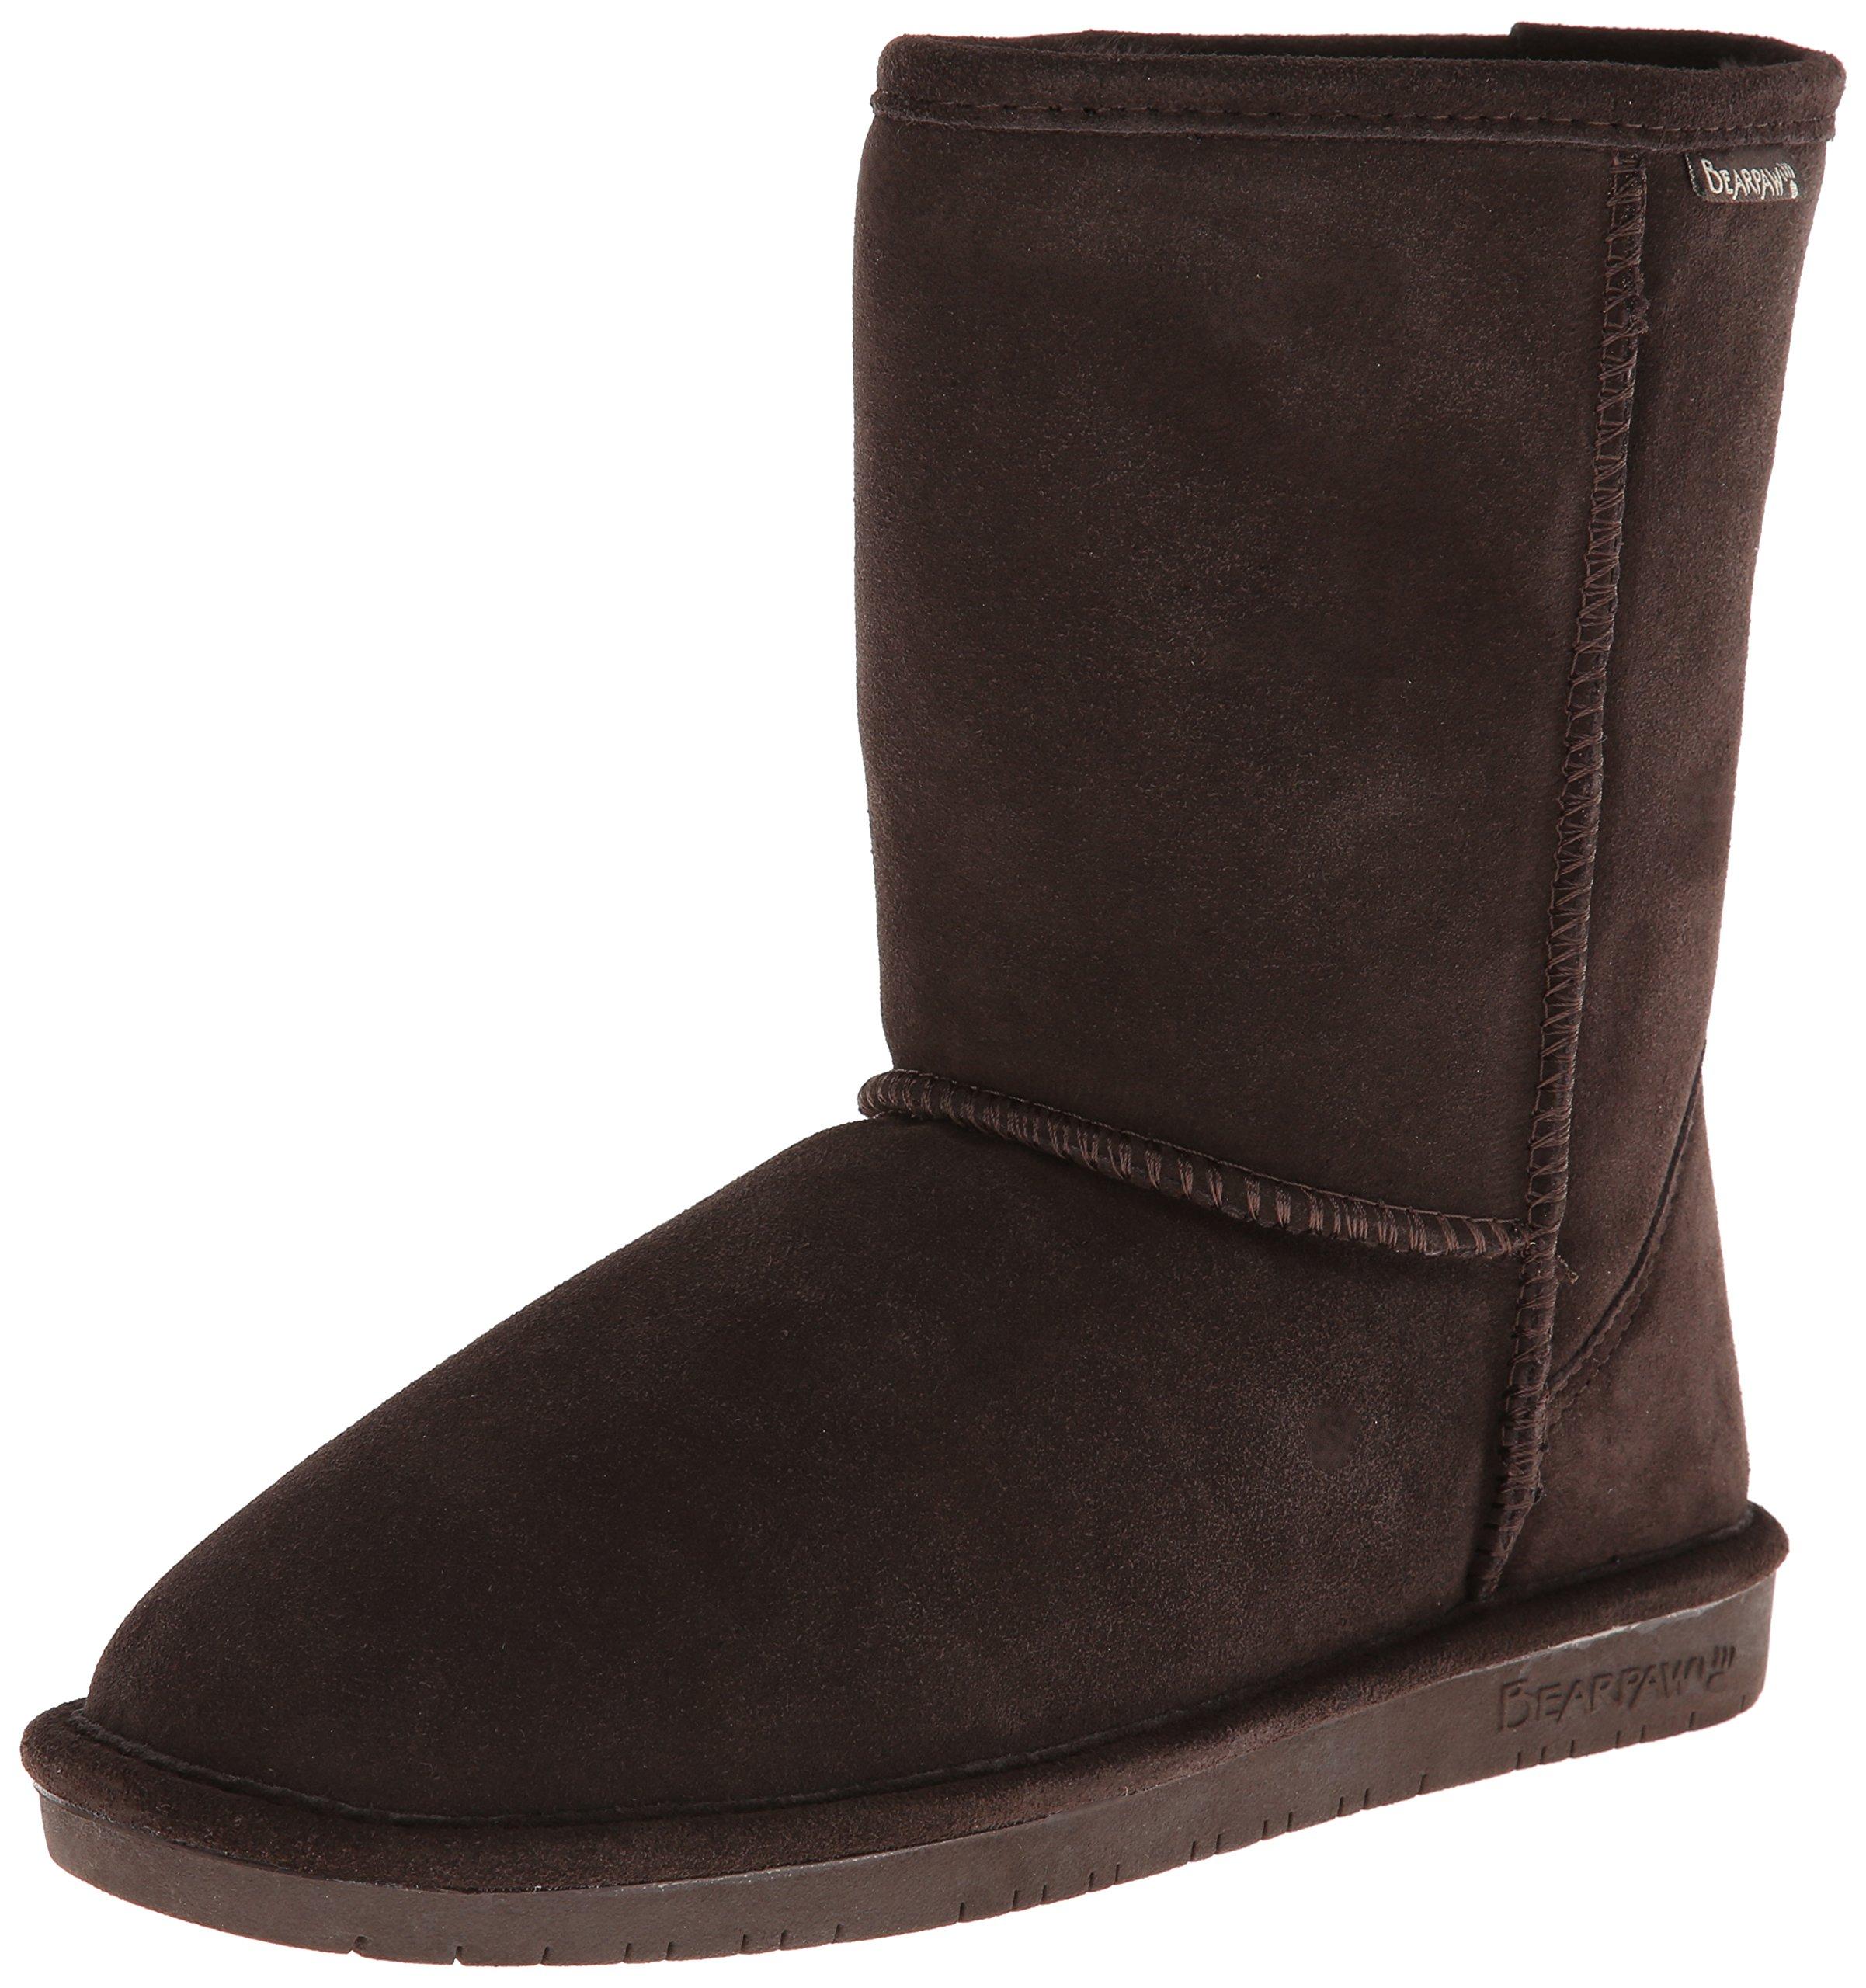 BEARPAW Women's Emma Short II 8'' Boot,Chocolate II,5 M US